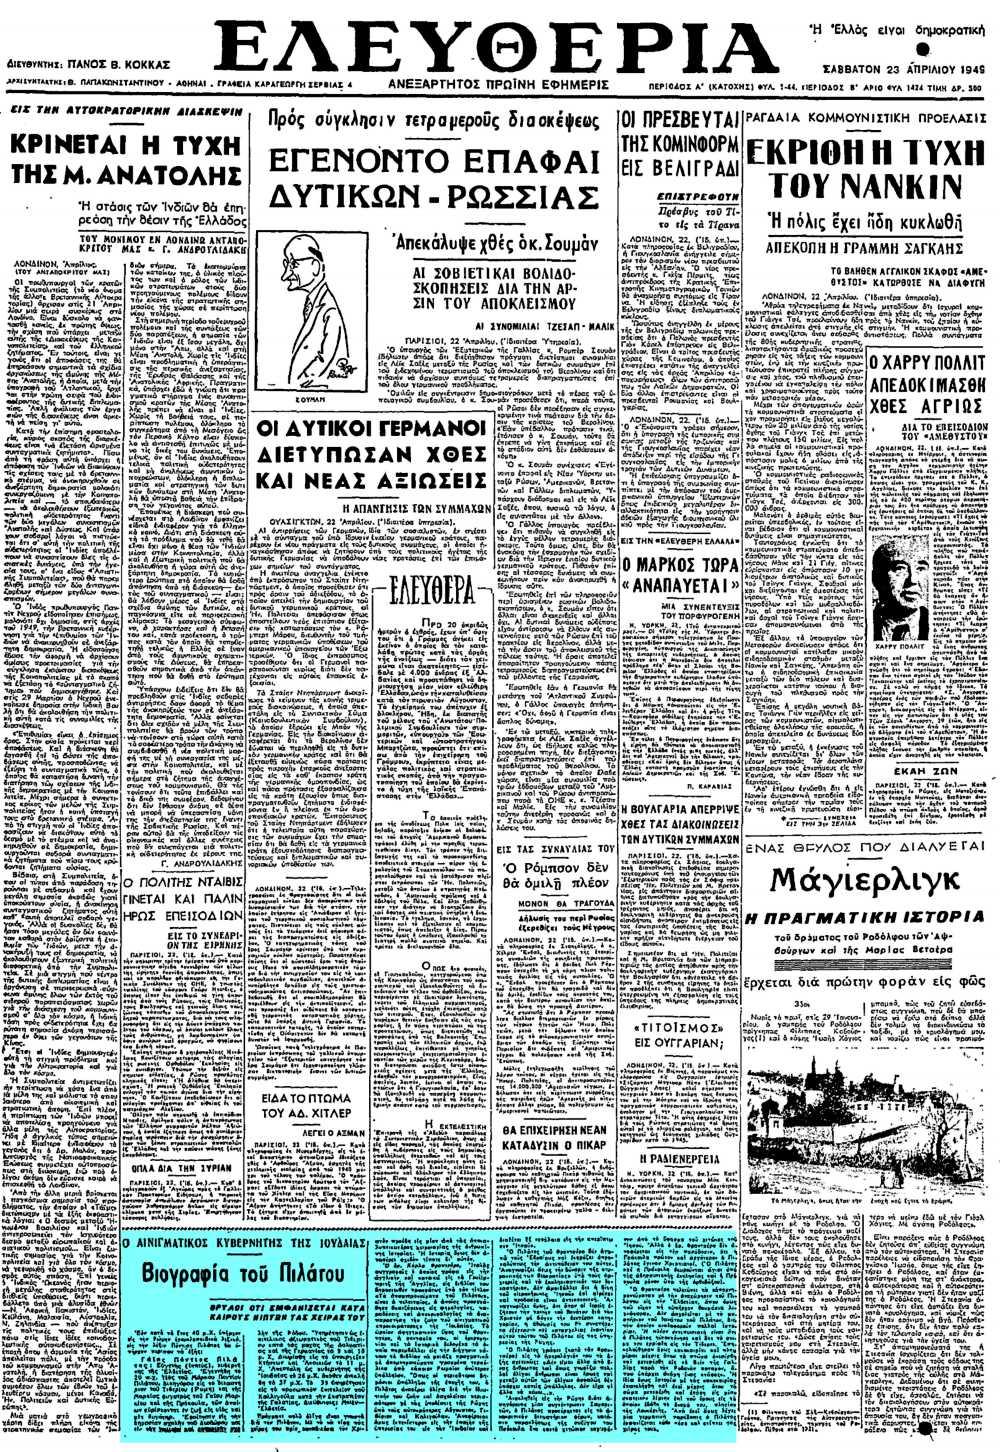 """Το άρθρο, όπως δημοσιεύθηκε στην εφημερίδα """"ΕΛΕΥΘΕΡΙΑ"""", στις 23/04/1949"""